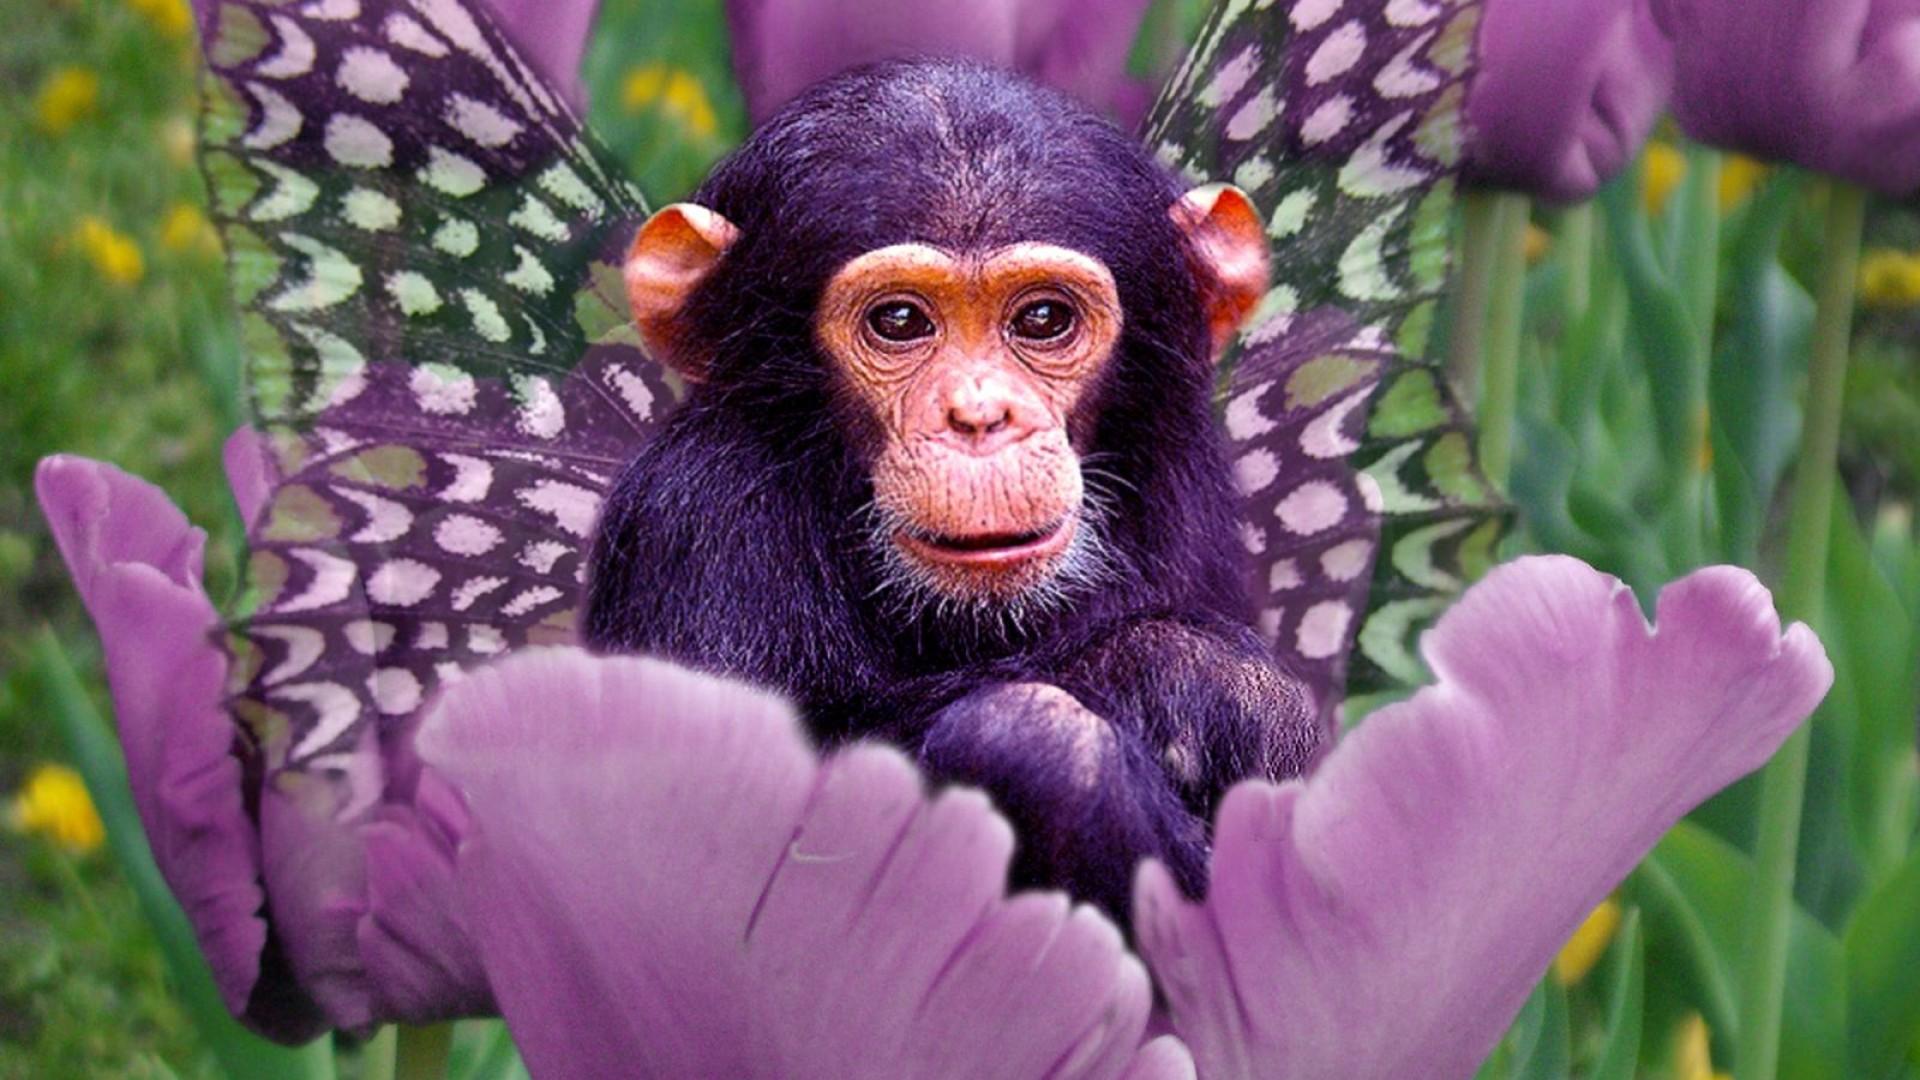 Orangutan Cartoon Cute Monkey Background...